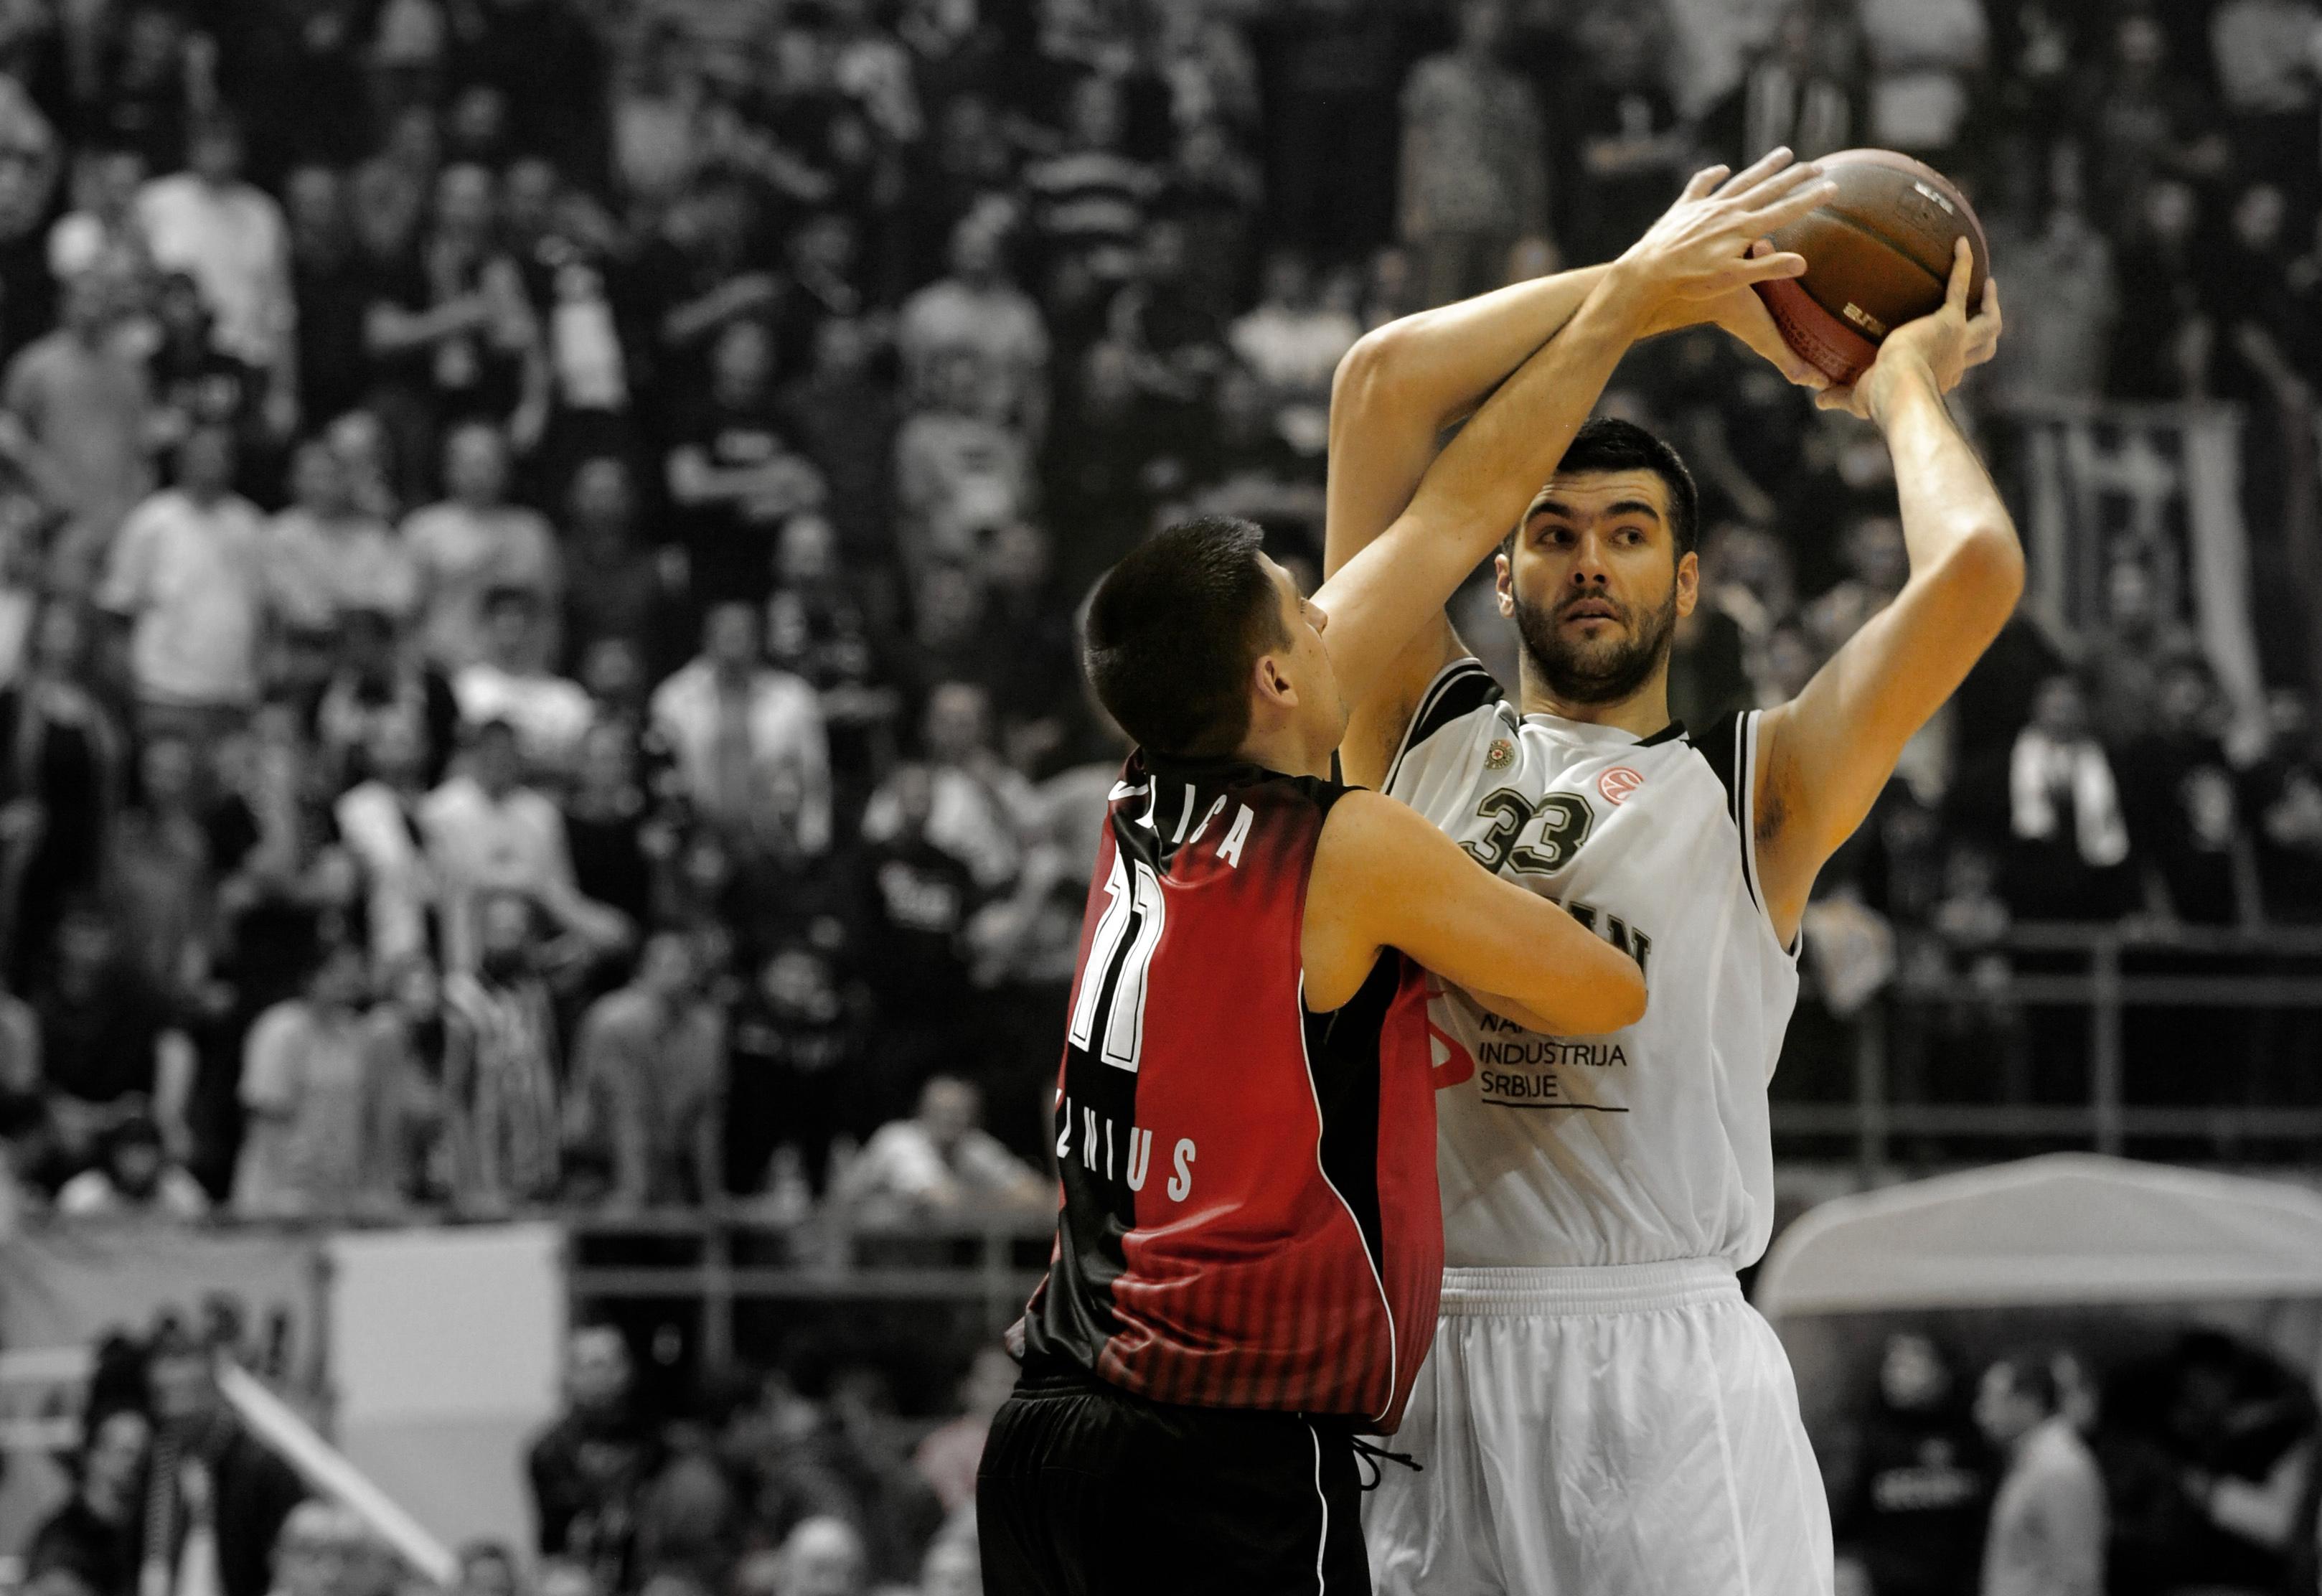 jogadores mais altos da NBA Vranes